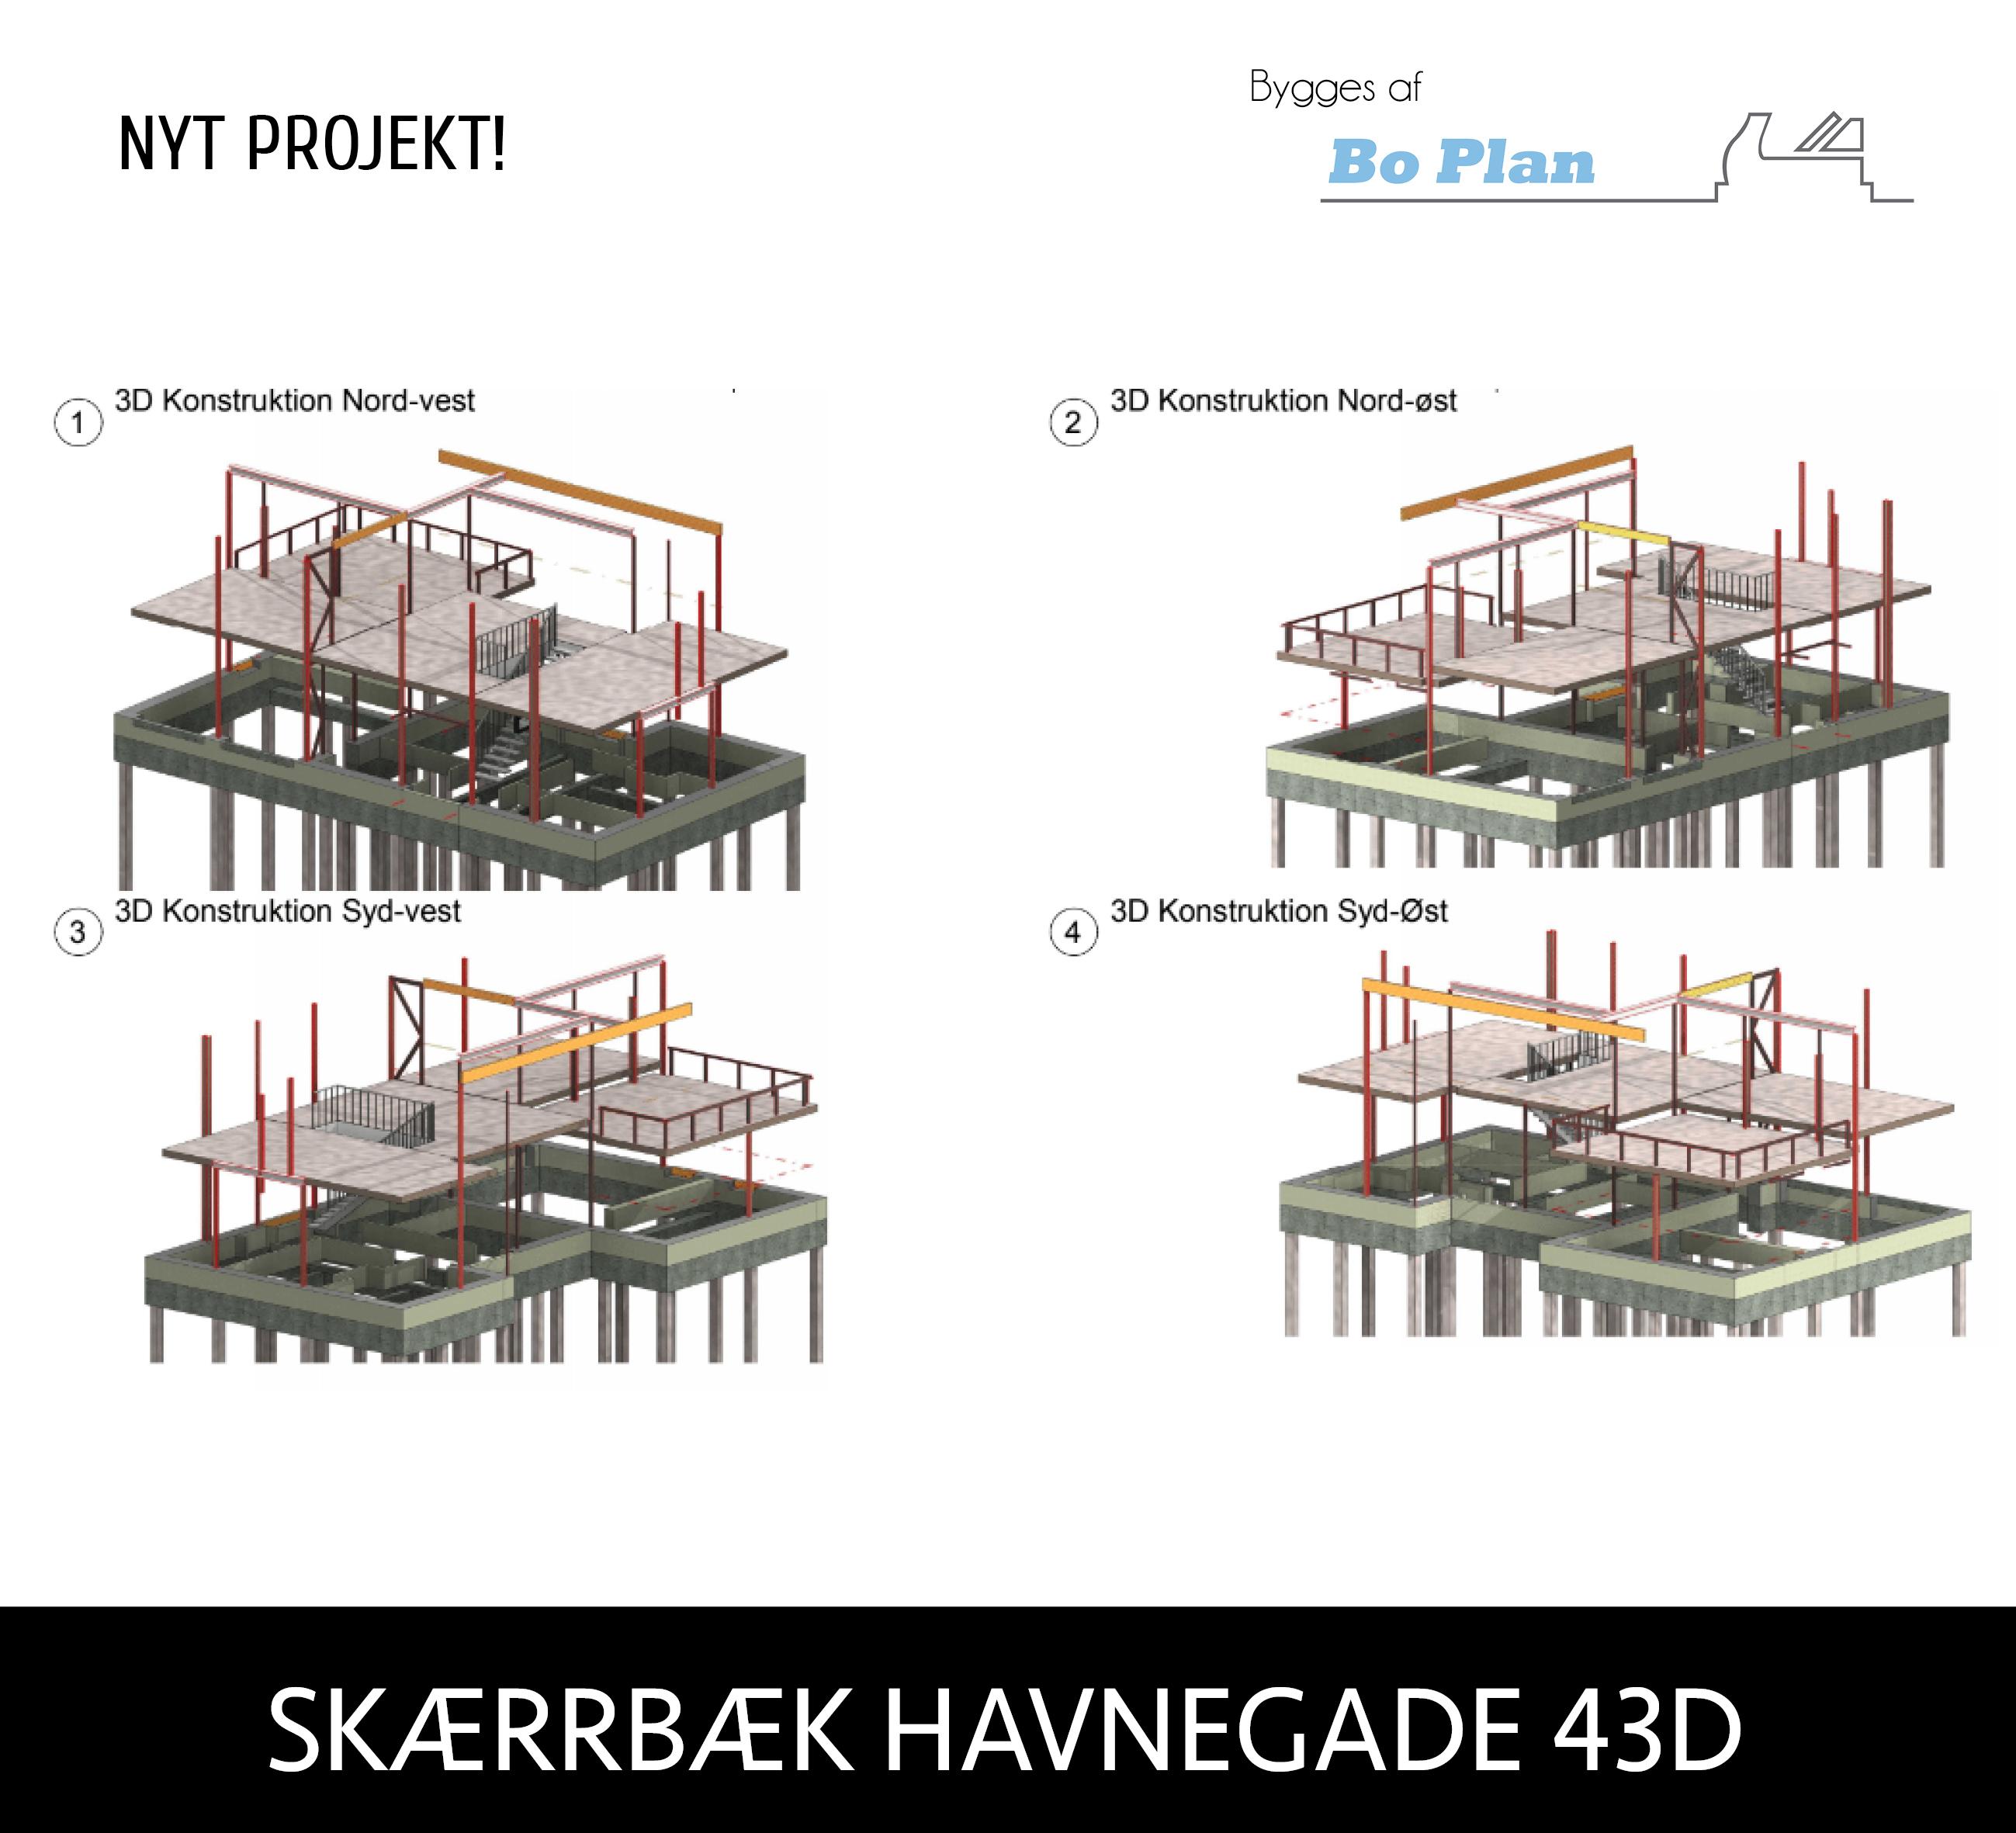 Skærbæk_Havnegade_43D2